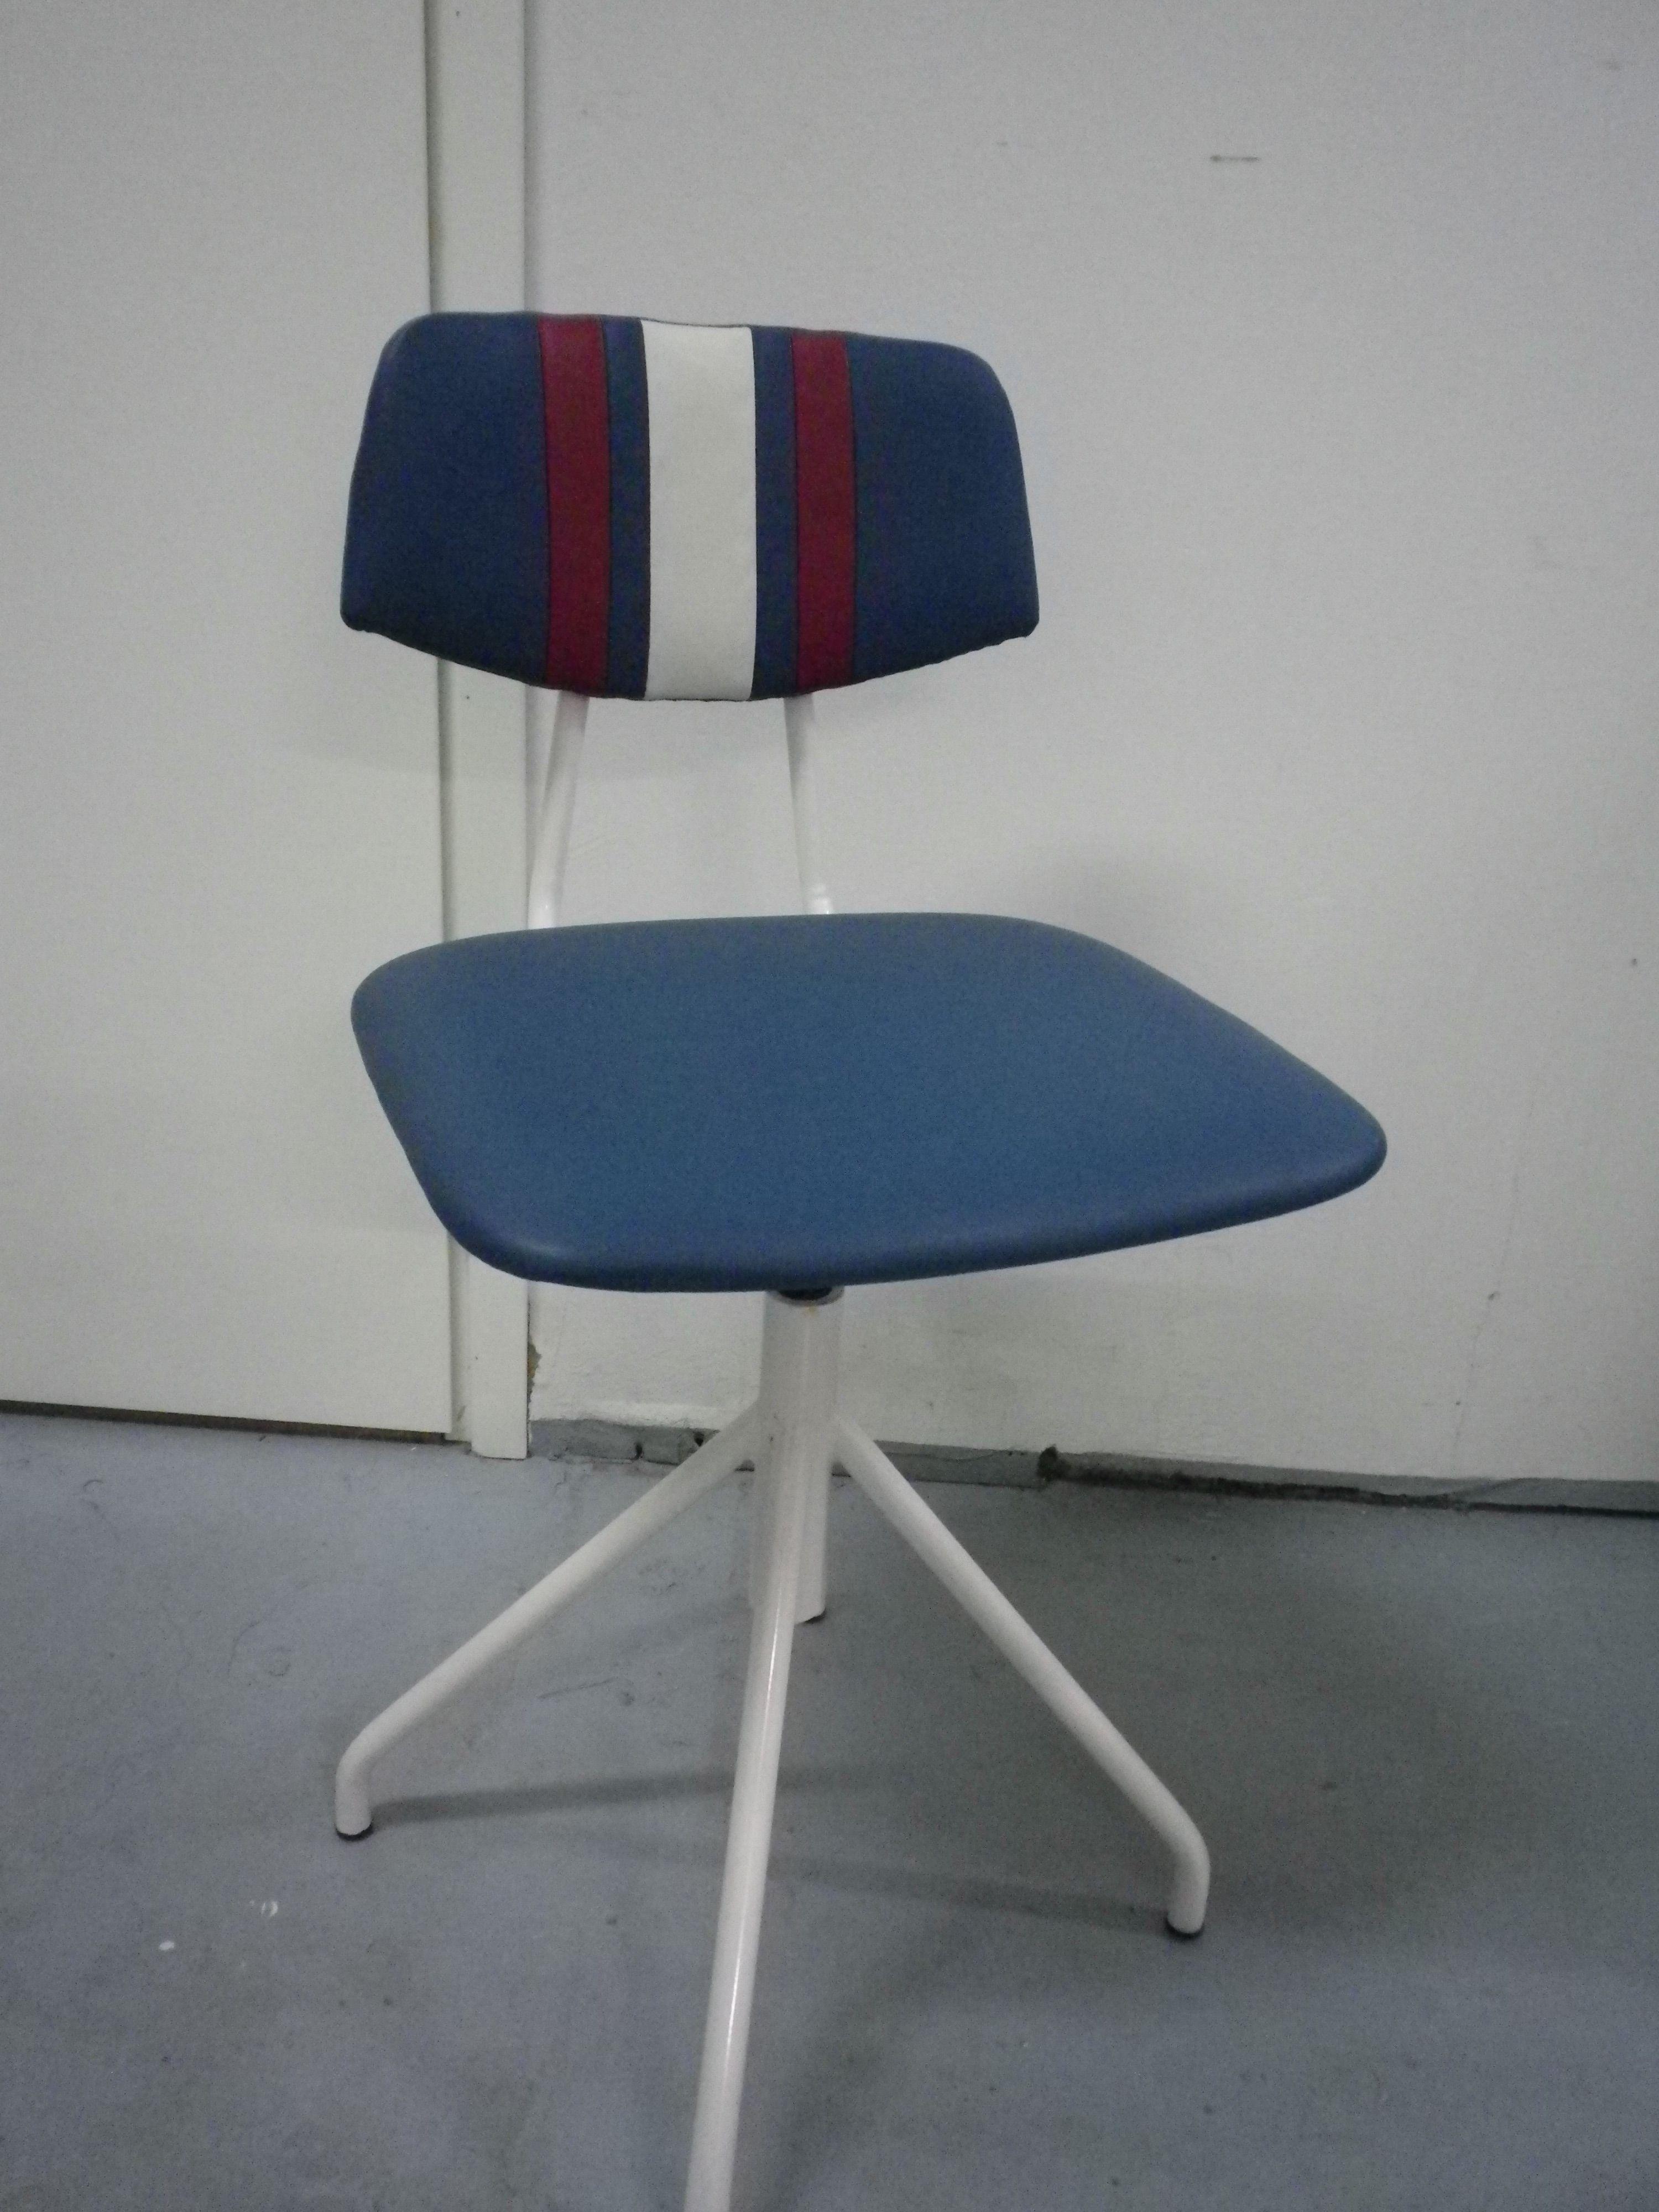 50-luvun kirjoituspöydän  tuoli, (MYYNNISSÄ) uudelleen verhoiltu petroolin värisellä nahalla.